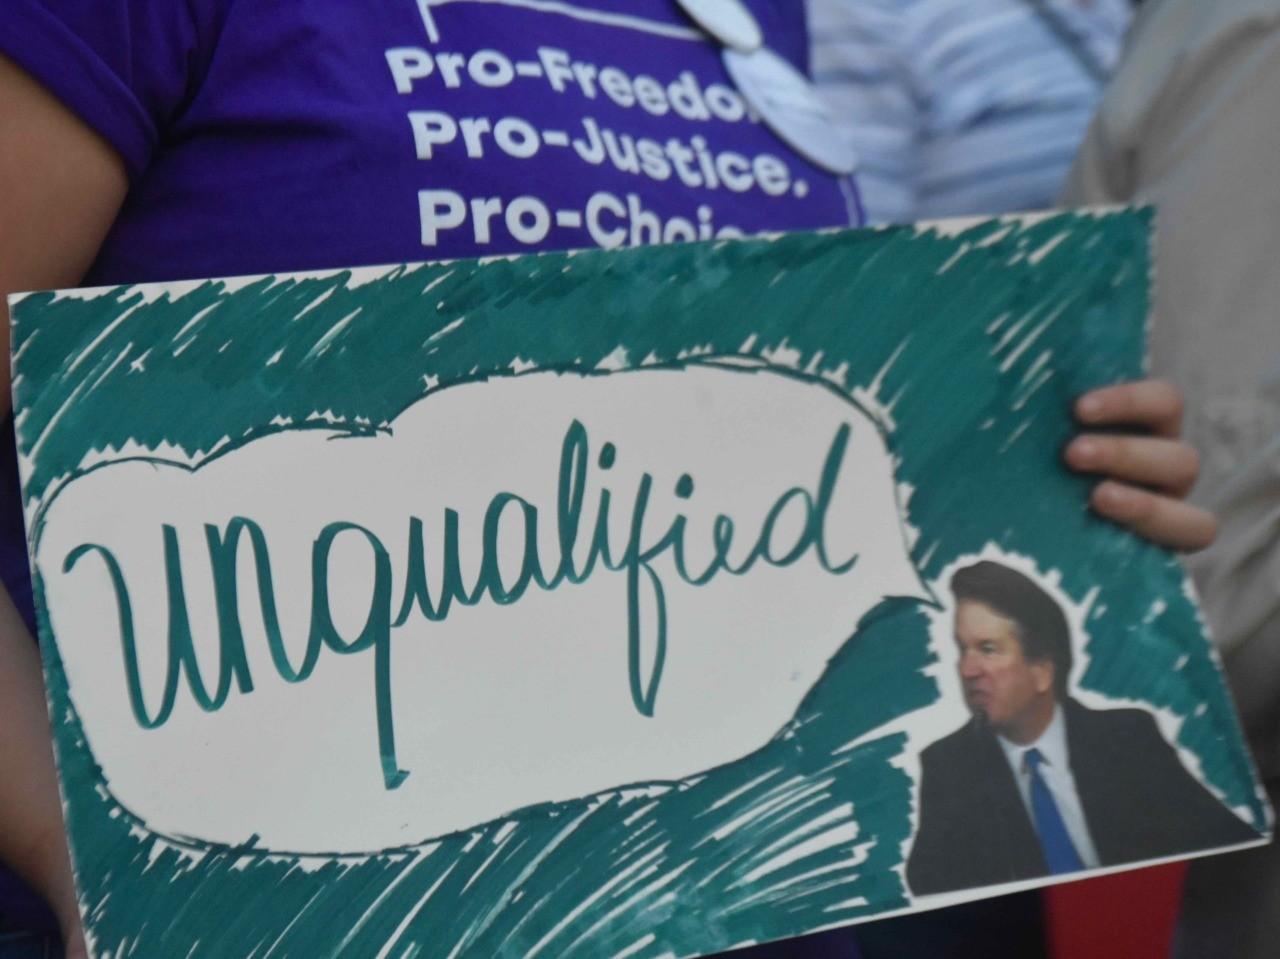 Brett Kavanaugh protest 2 (Penny Starr / Breitbart News)